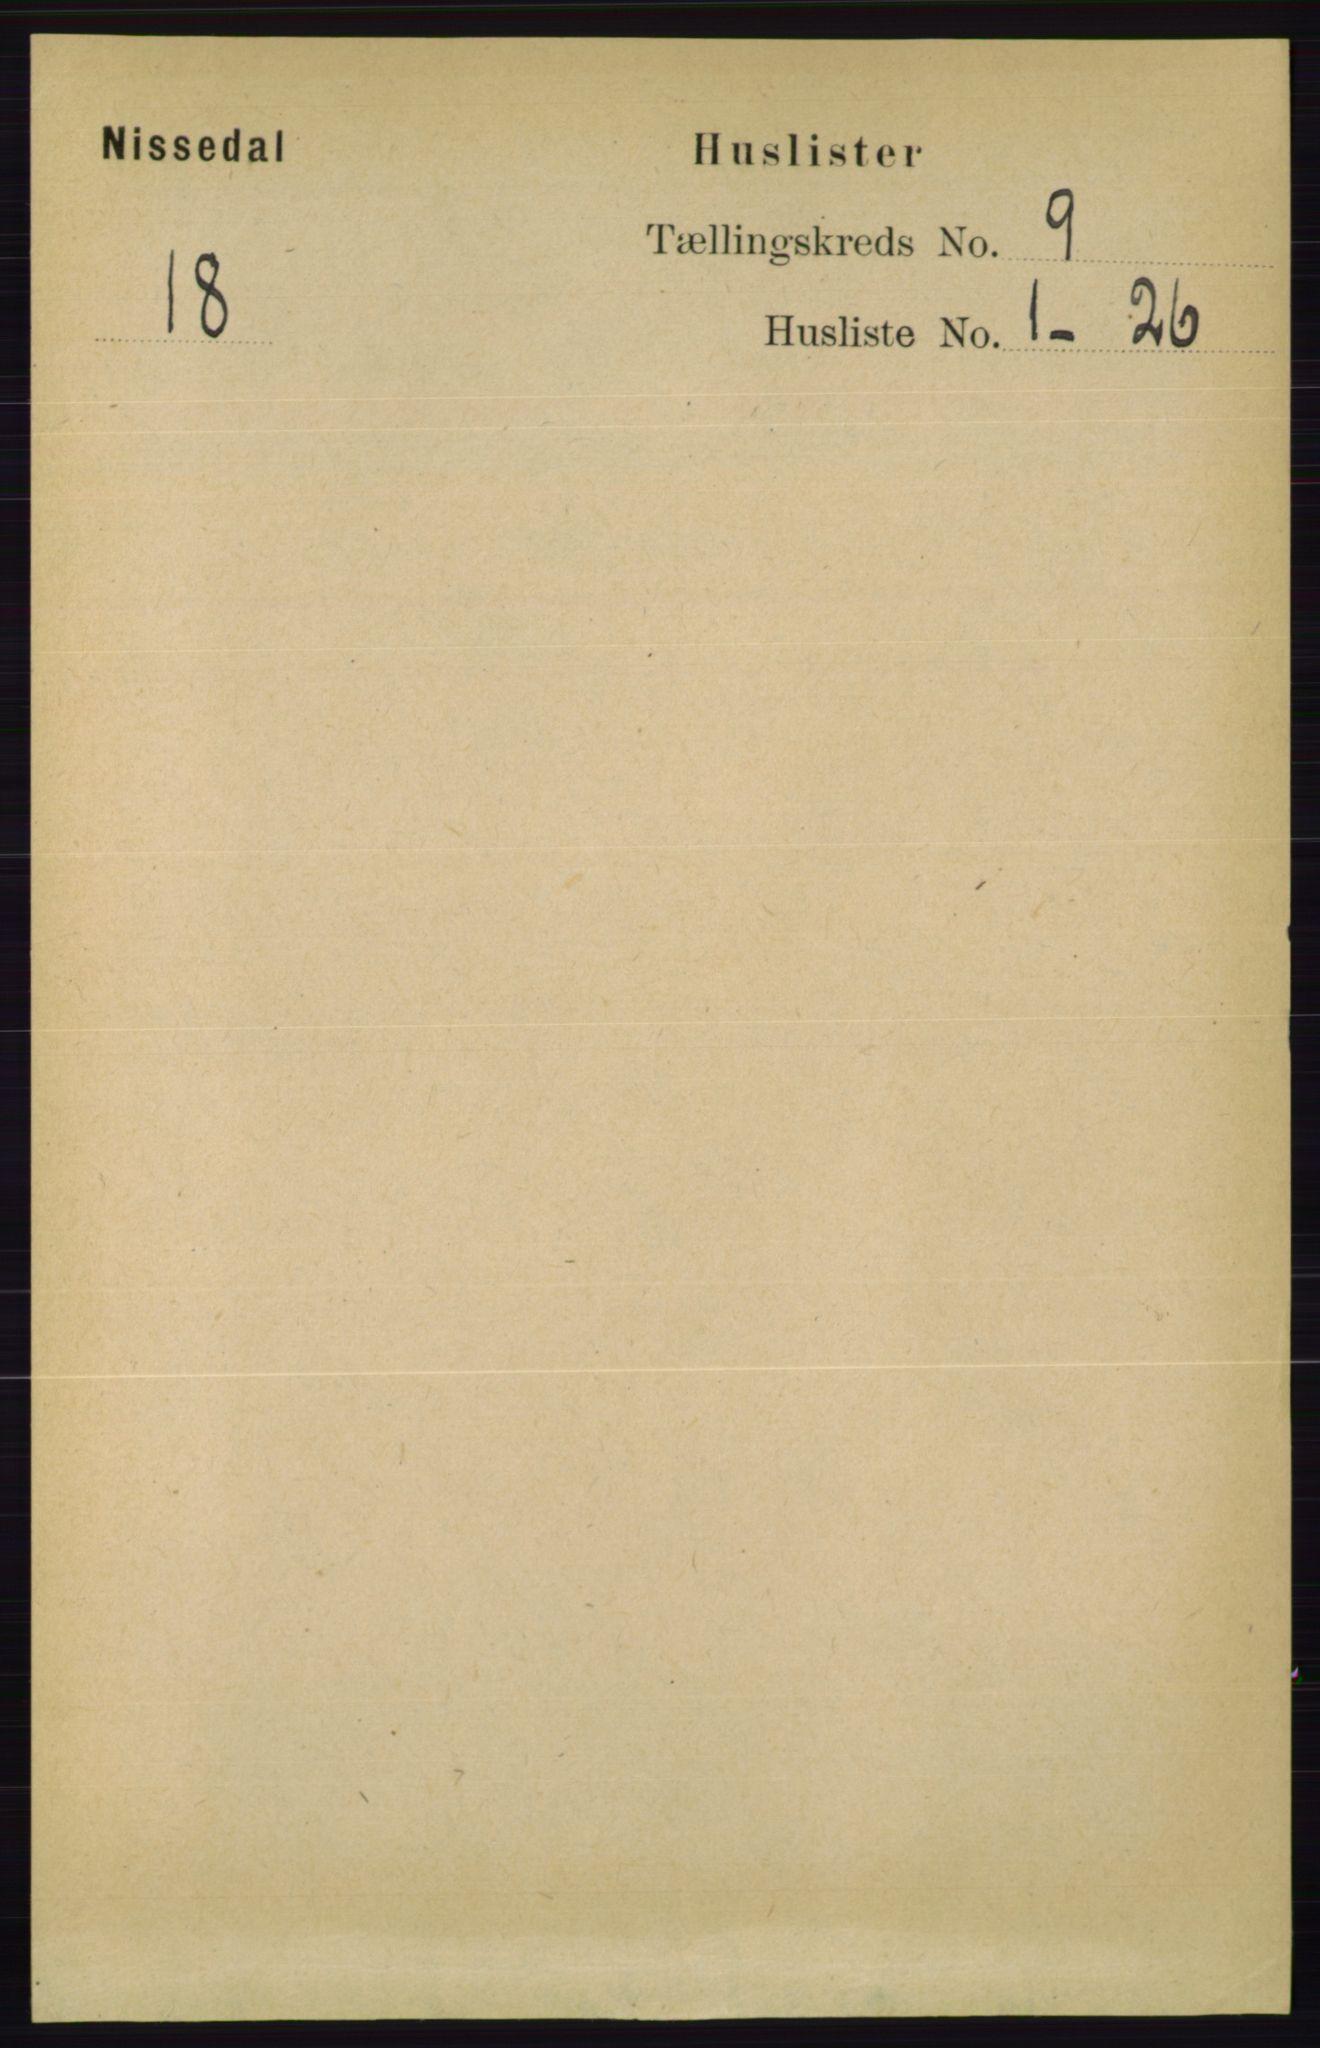 RA, Folketelling 1891 for 0830 Nissedal herred, 1891, s. 1811